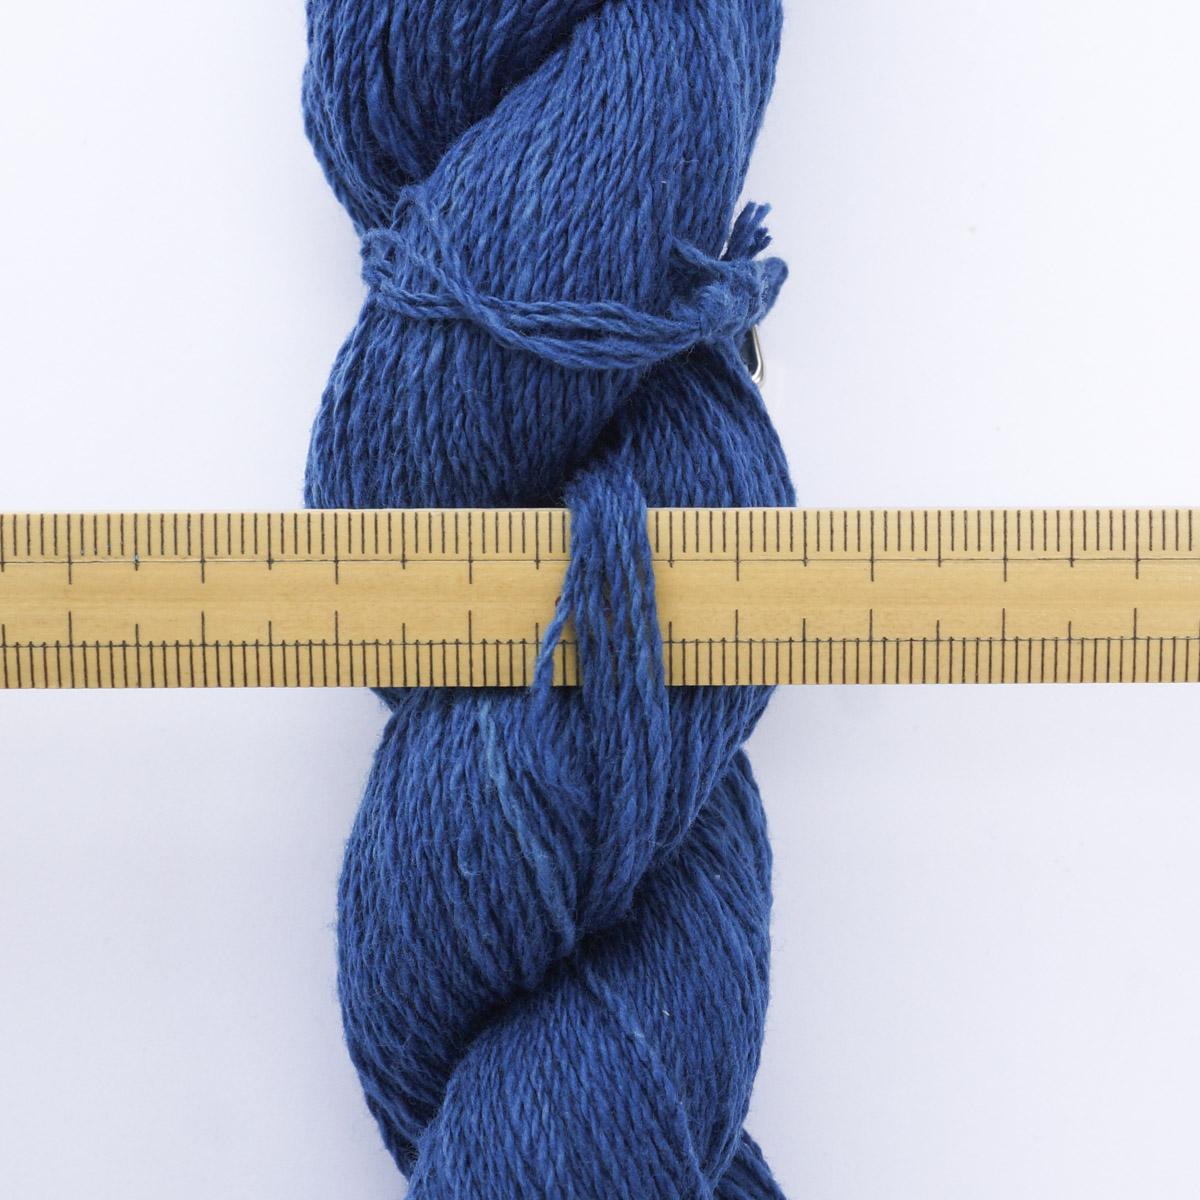 ガラ紡糸 317/2細番手糸 淡藍 20g